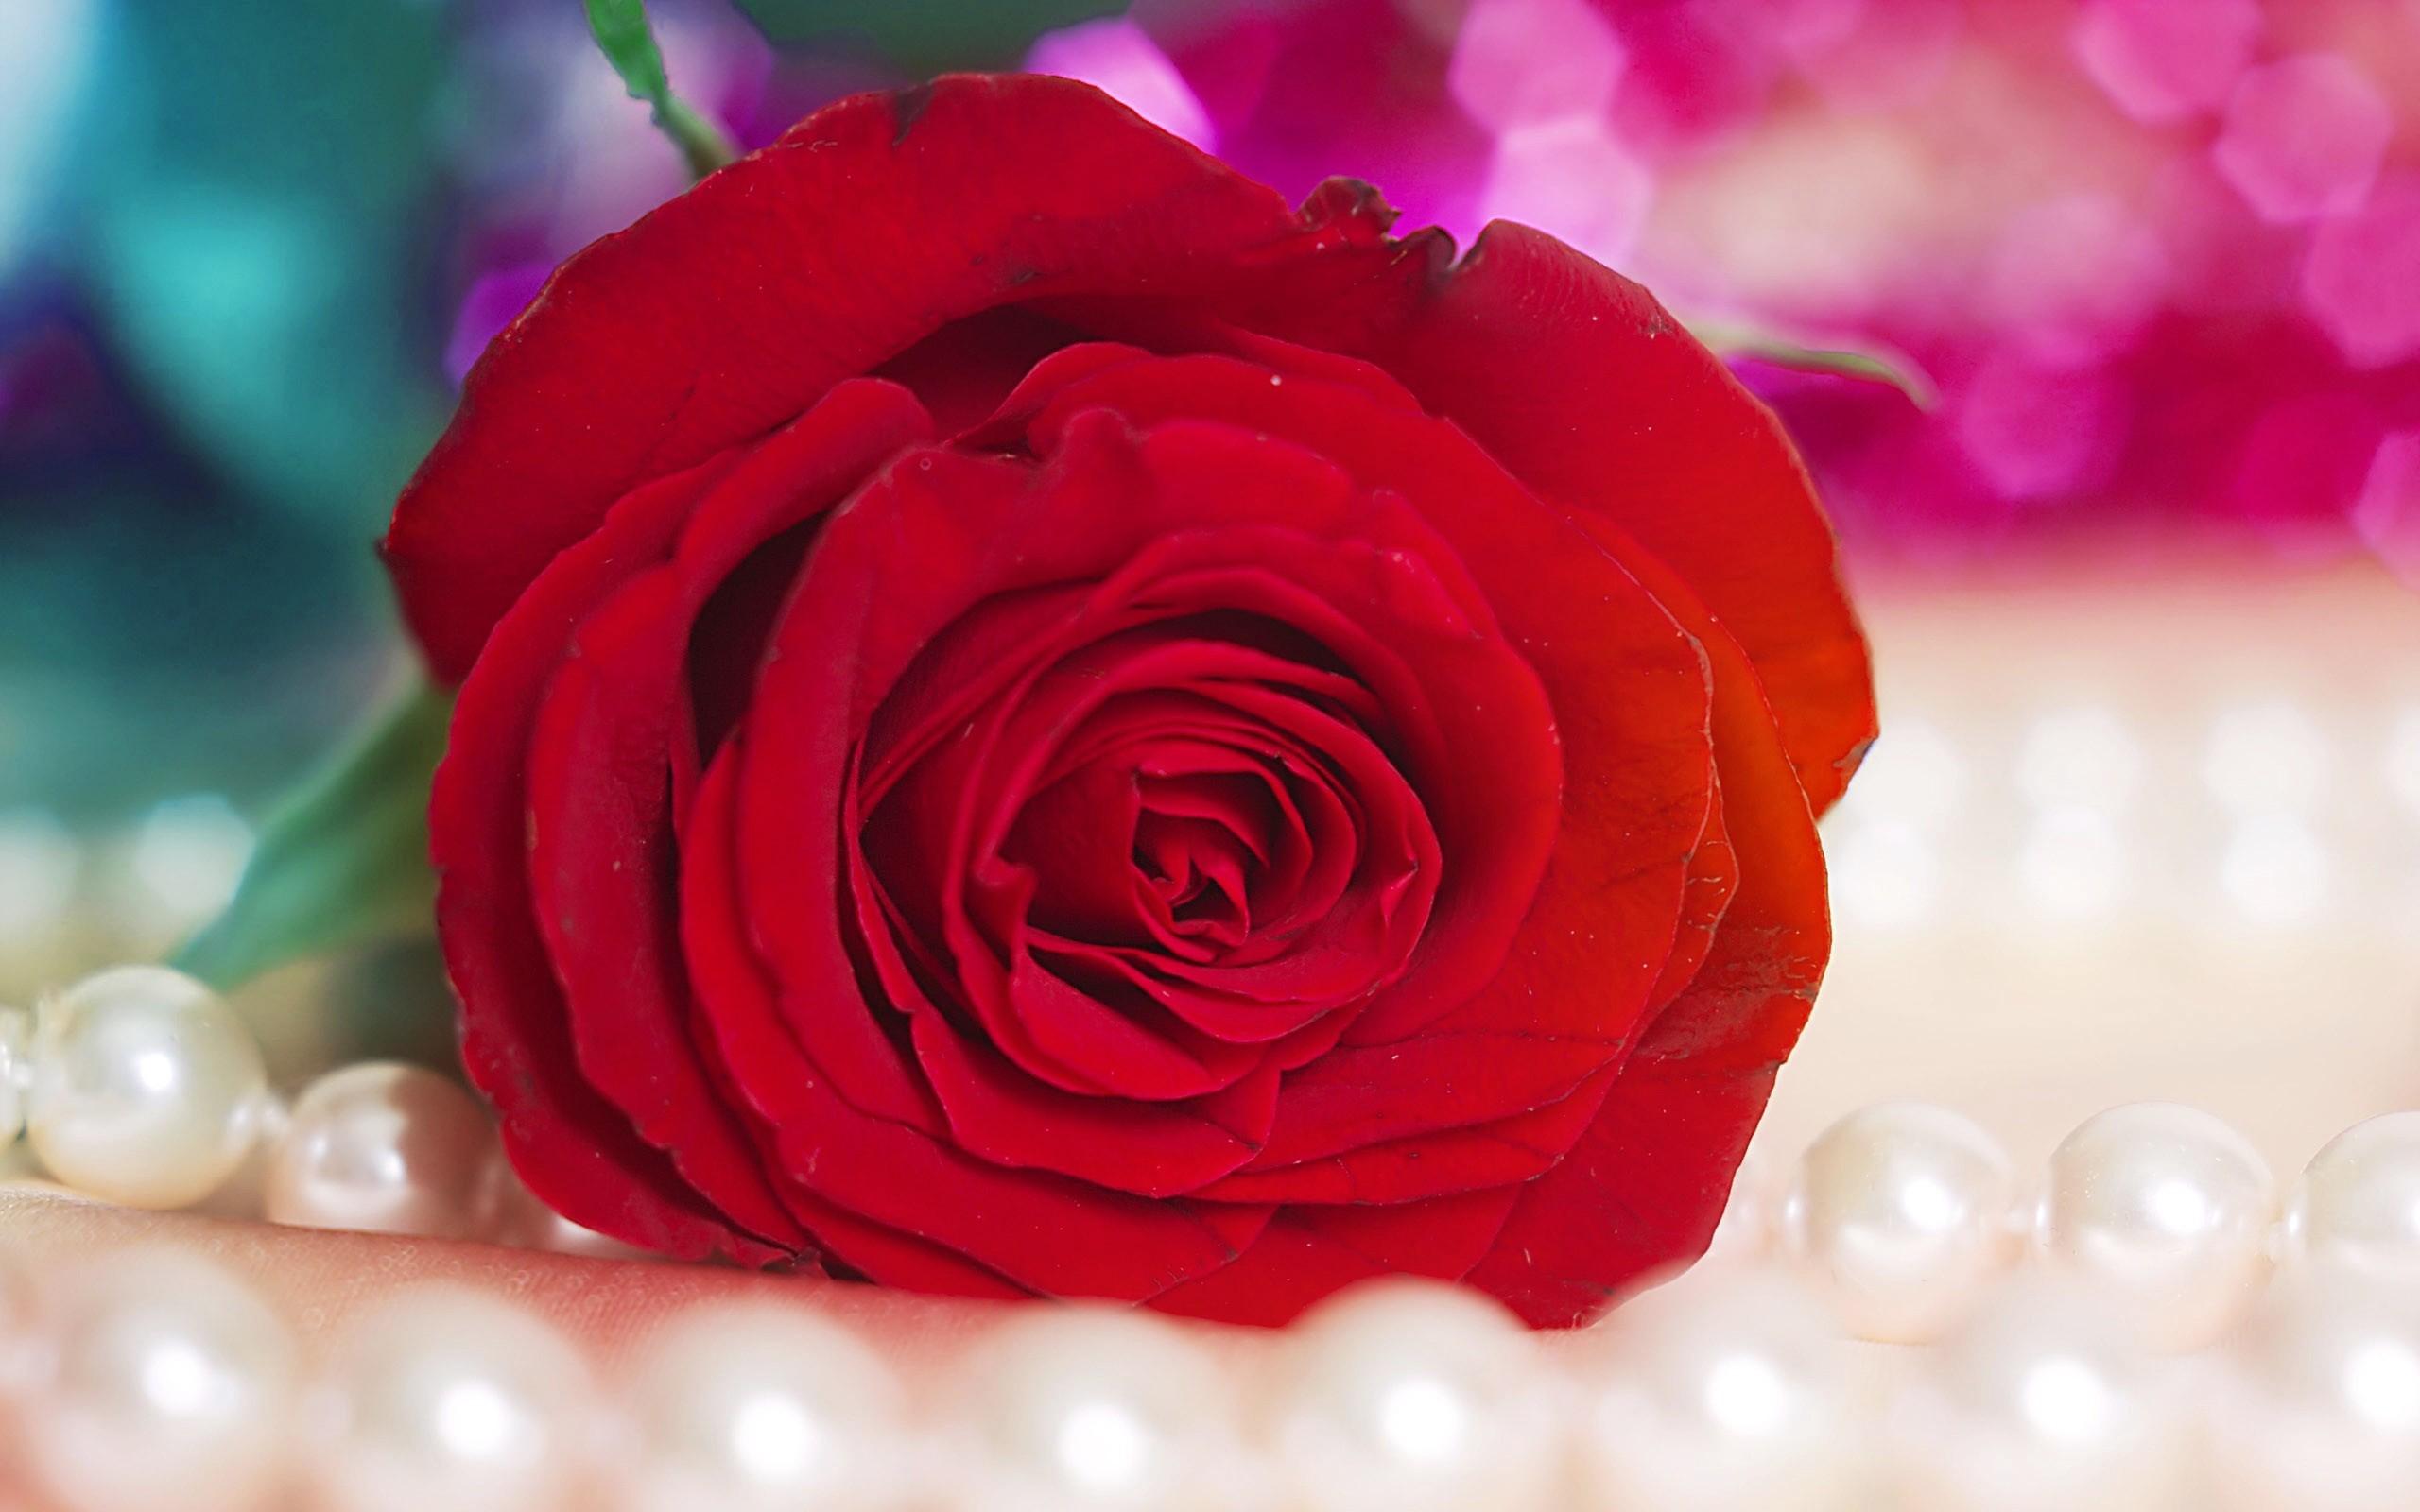 Red Rose Wallpaper Wallpapertag